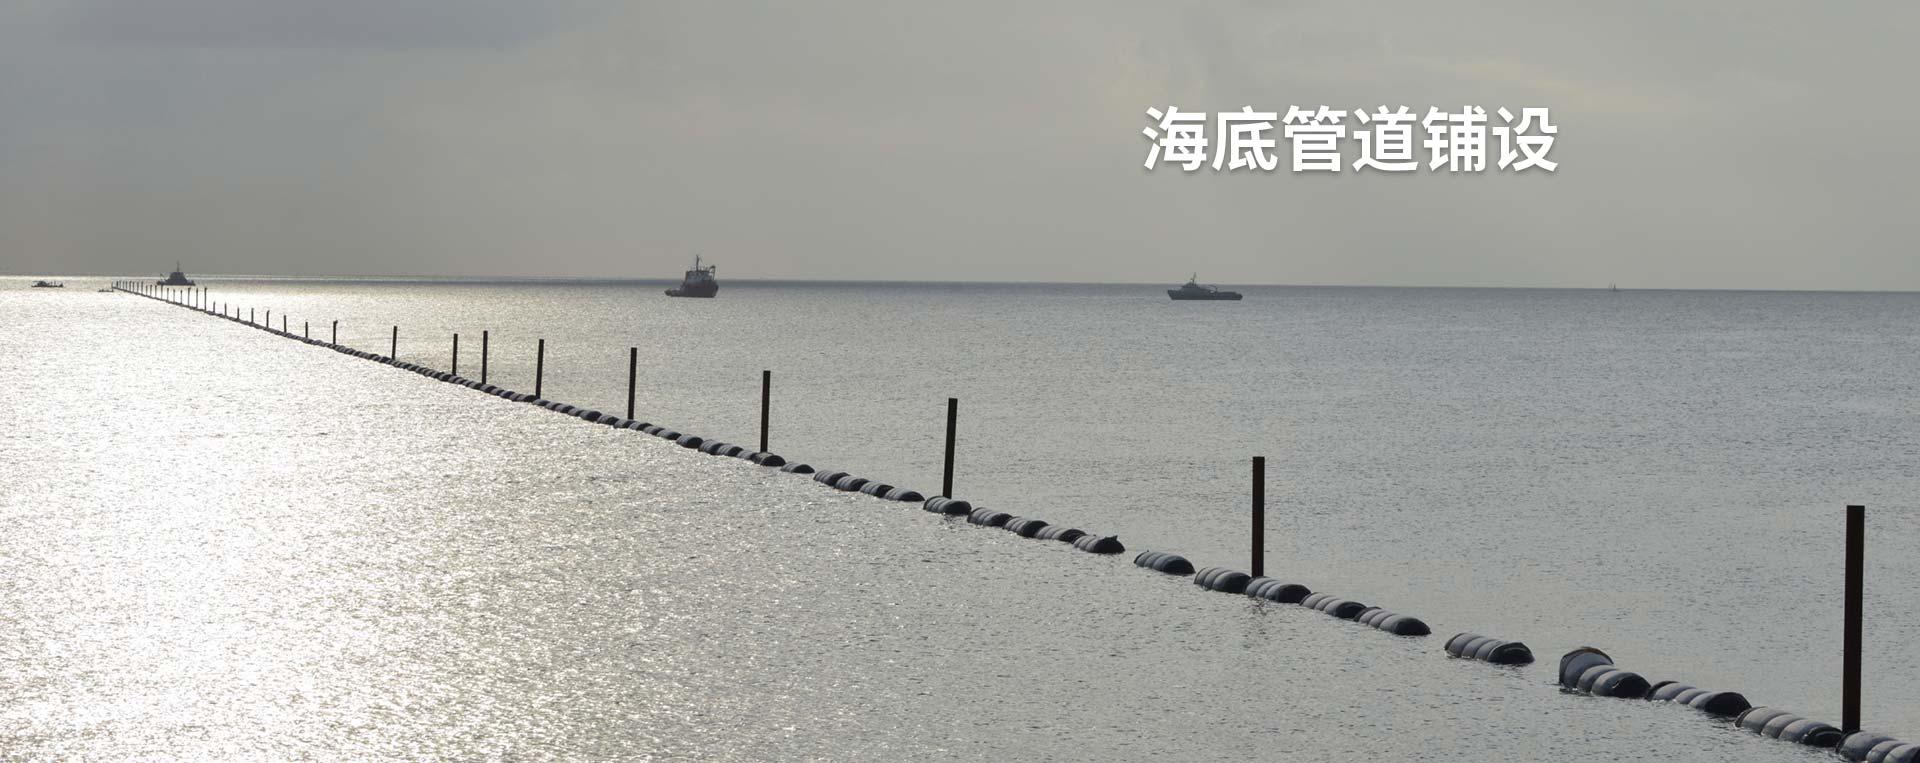 海底油、气管道铺设和维修